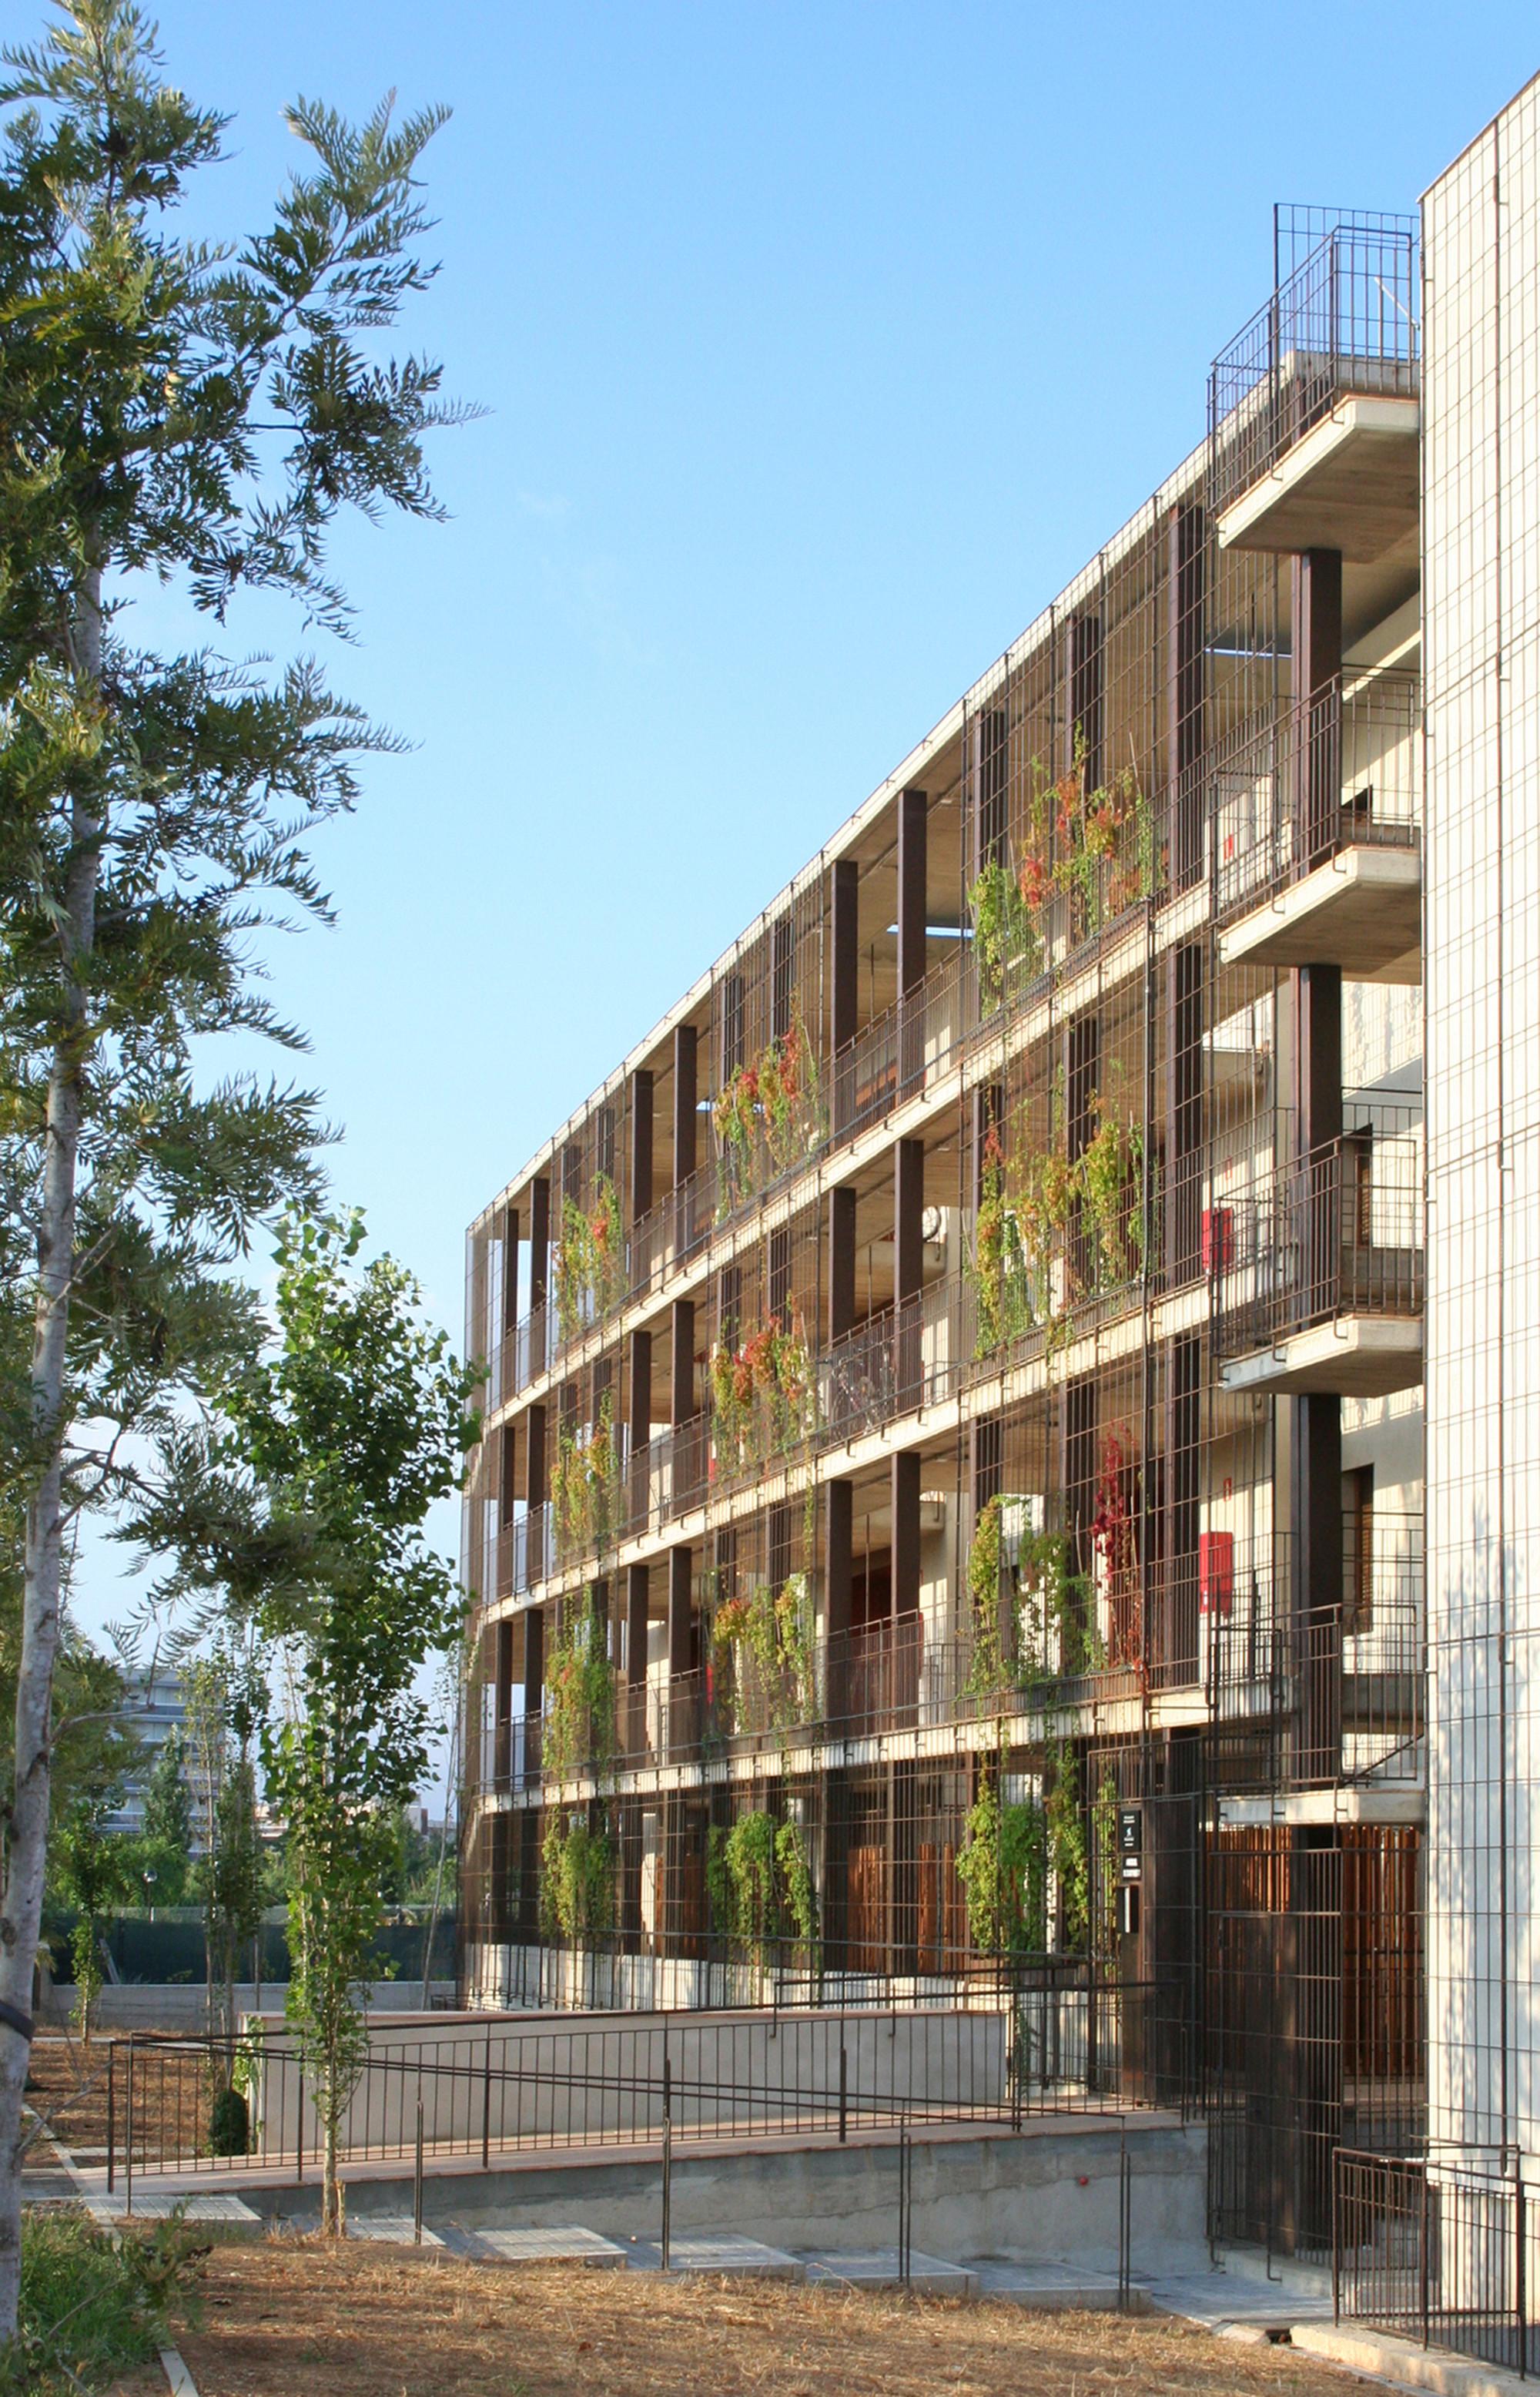 Gallery of 80 viviendas de protecci n oficial en salou toni giron s 11 - Casas proteccion oficial ...